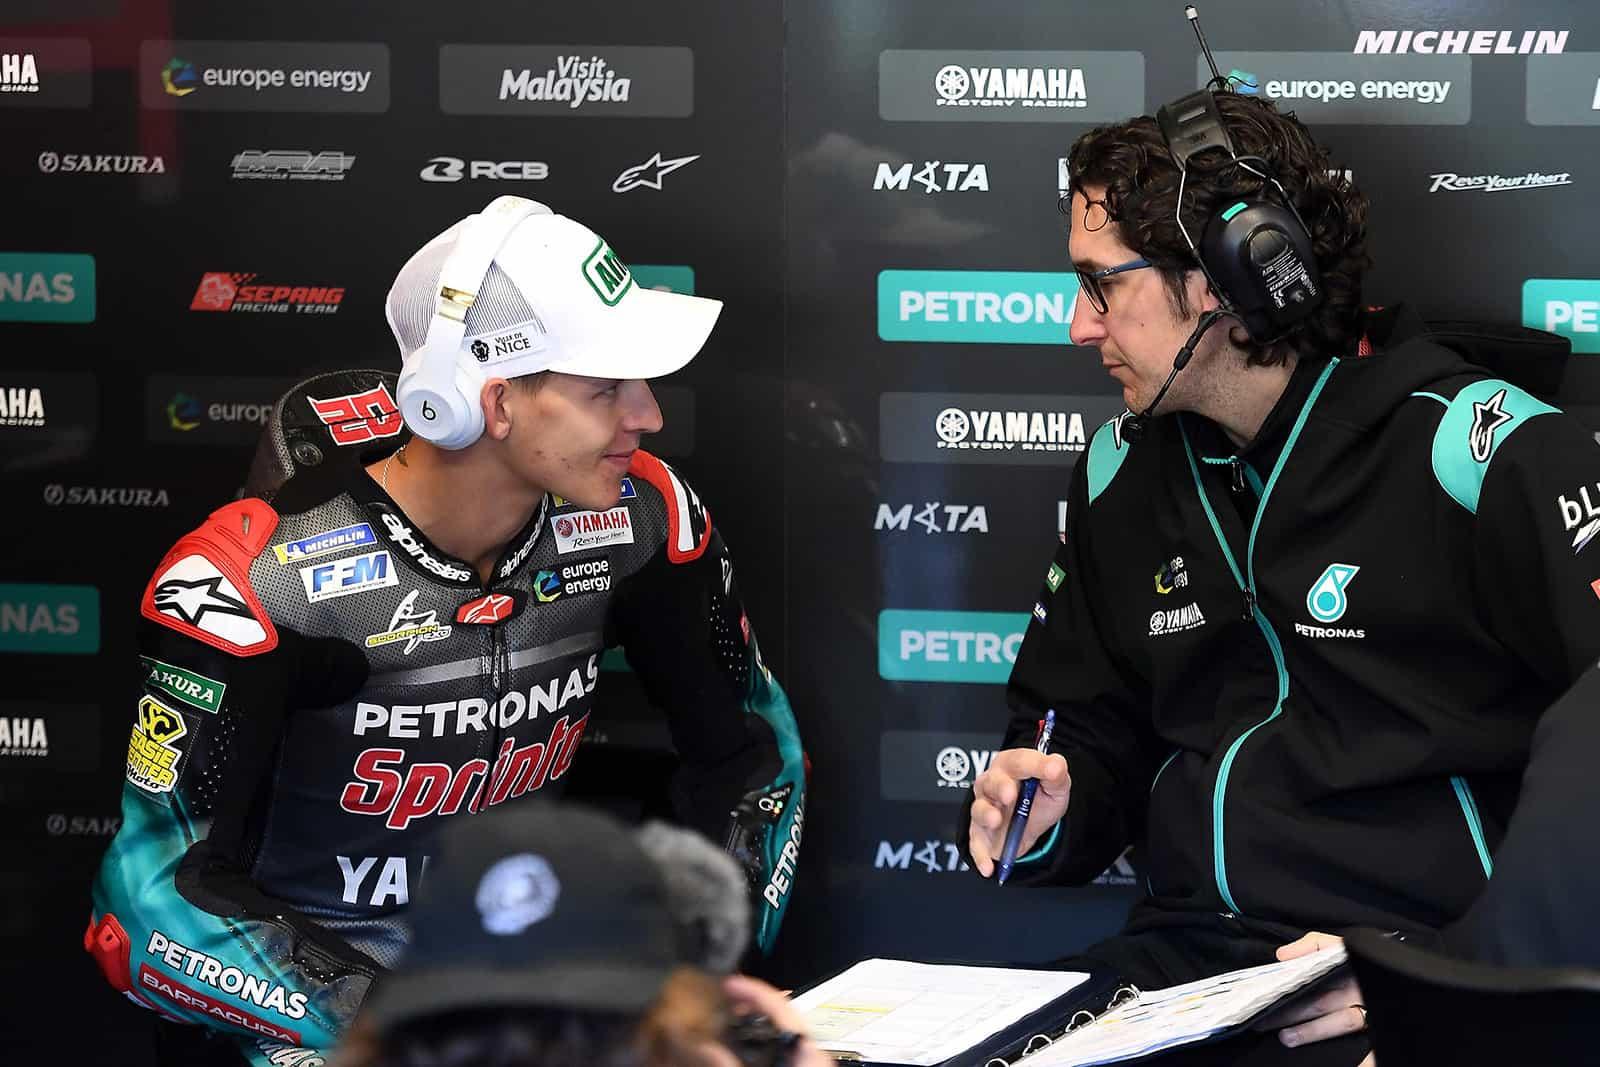 MotoGP2019フランスGP ファビオ・クアルタラロ「特にプレッシャーは感じていない」